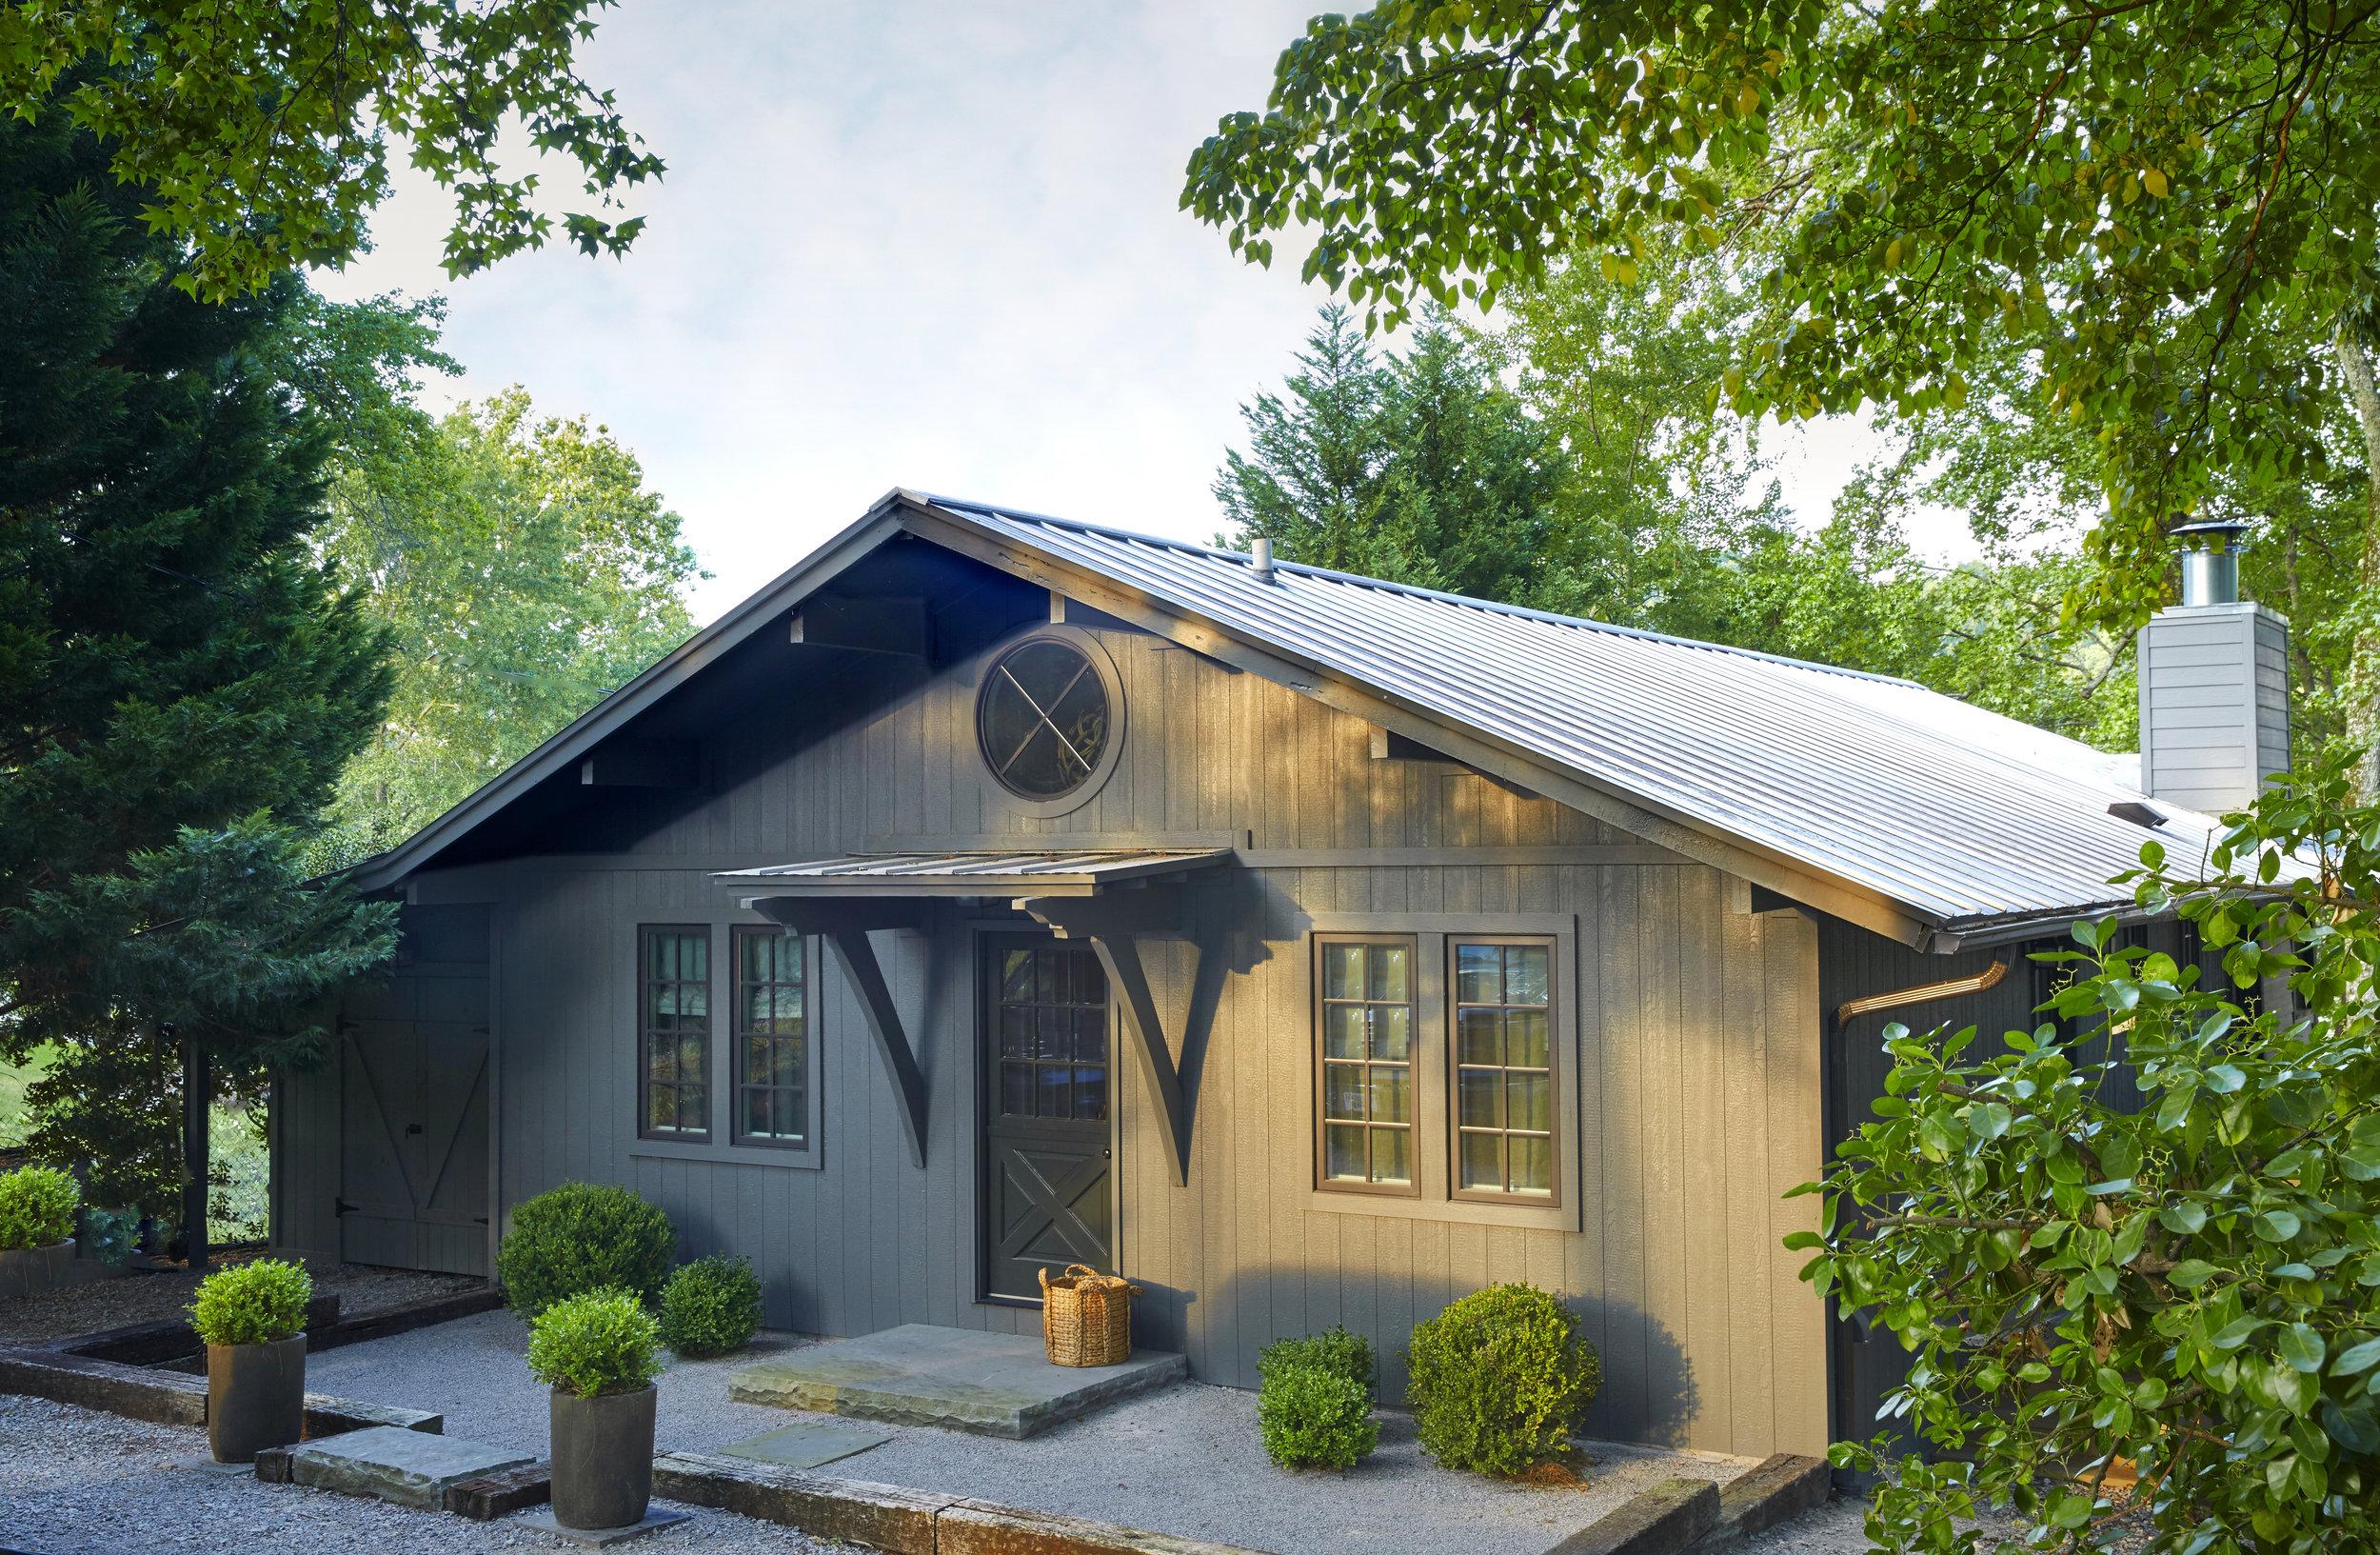 Camp Coleman magazine feature exterior and interior architecture design 2017 Alabama